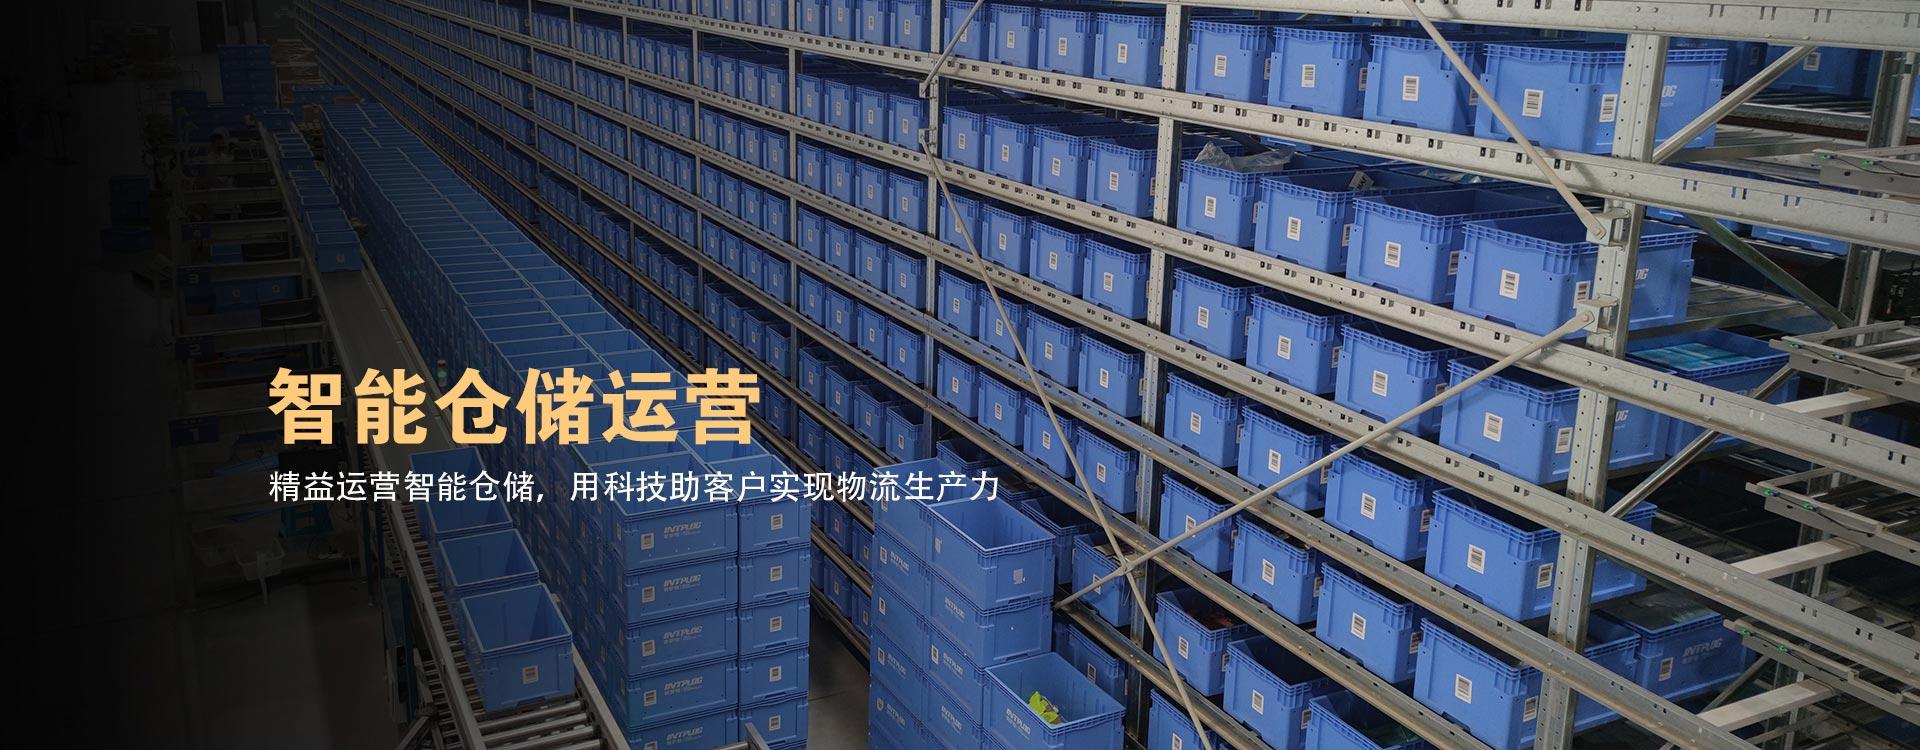 仓库管理系统特点优势.jpg